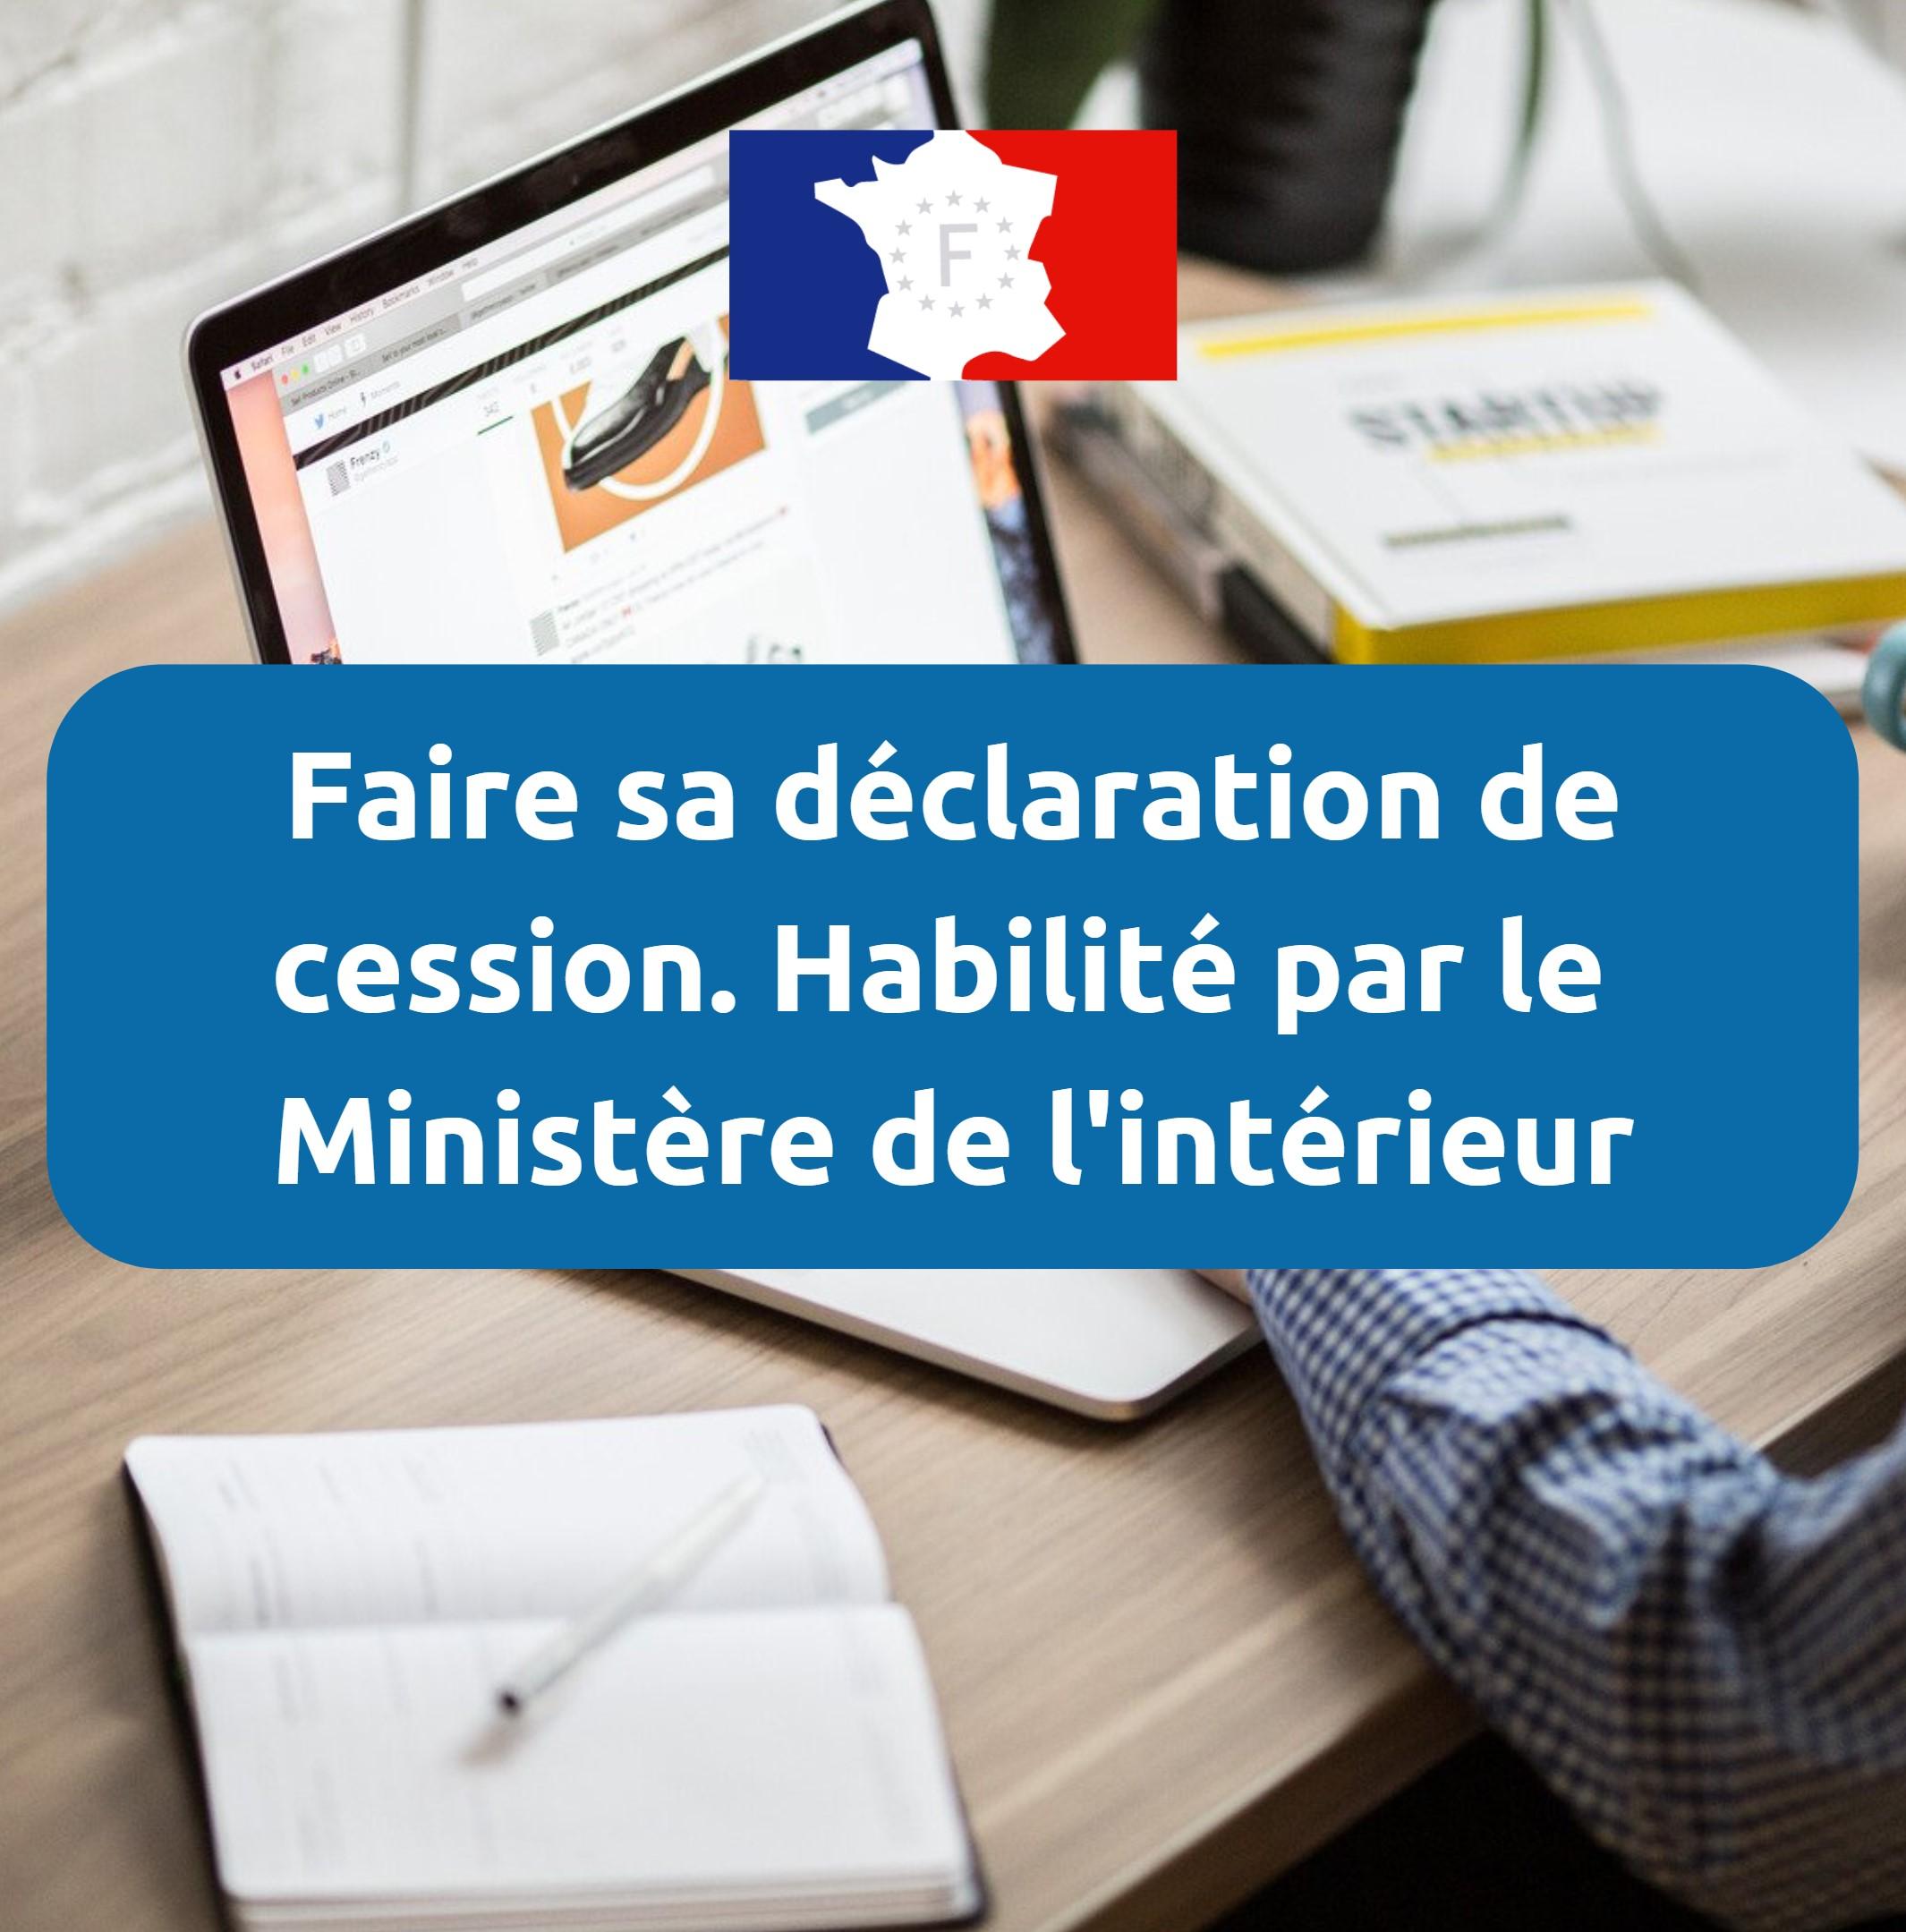 Declaration de cession ministère de l'intérieur